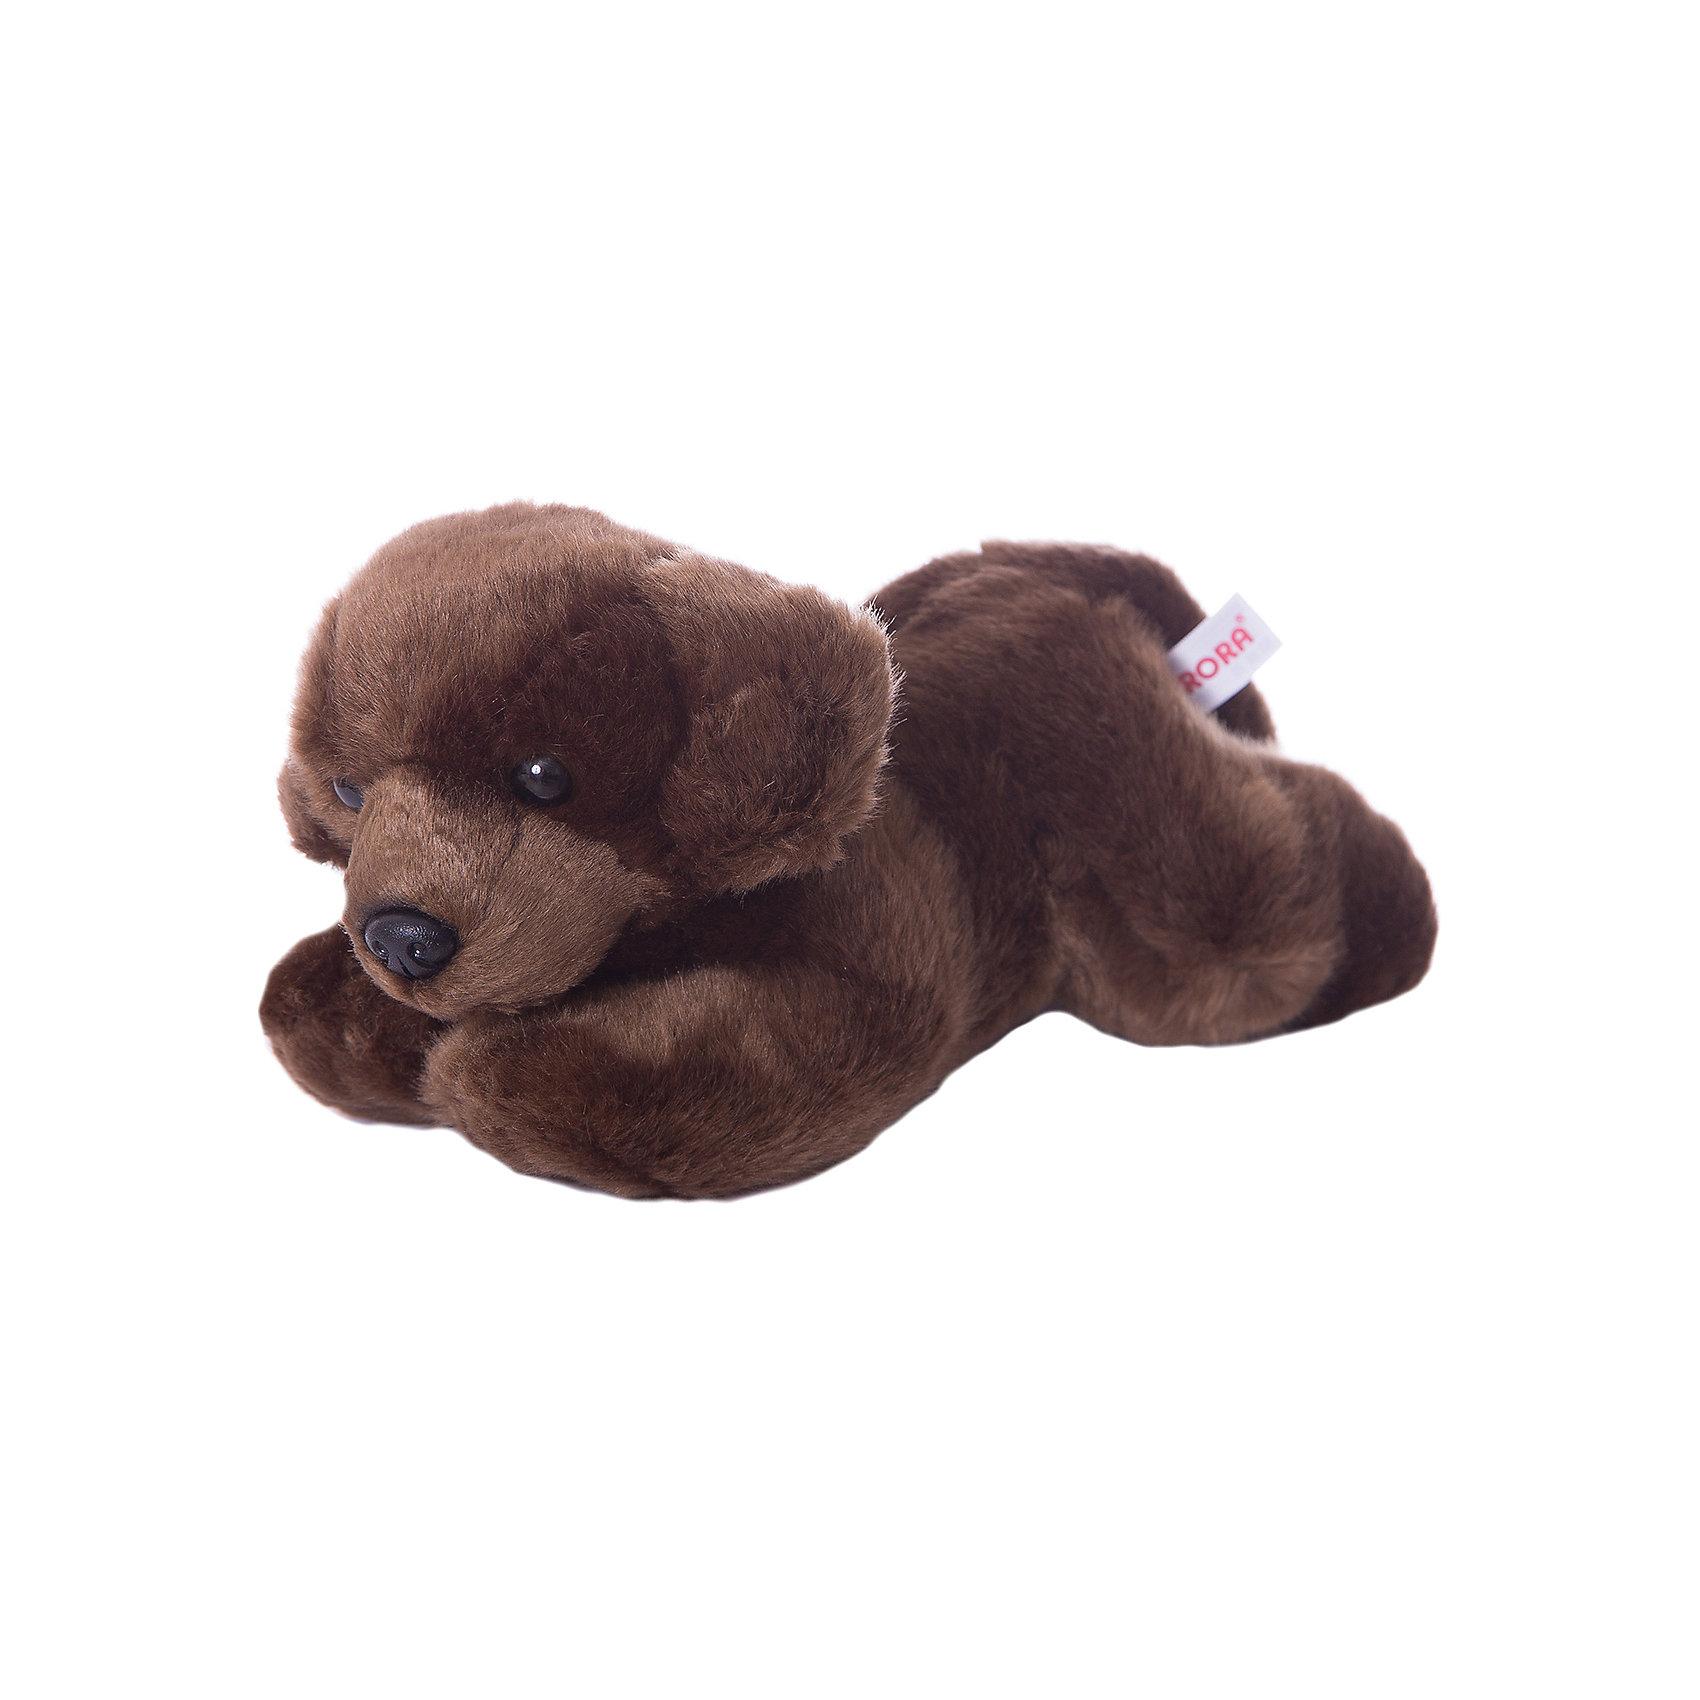 Мягкая игрушка Шоколадный лабрадор, 28 см, AURORAКошки и собаки<br>Красивый щенок с мягкой коричневой шерсткой будет прекрасным подарком для Вашего ребенка!<br><br>Дополнительная информация:<br><br>- Возраст: от 3 лет.<br>- Материал: плюш, синтепон.<br>- Высота игрушки: 28 см.<br><br>Купить мягкую игрушку Шоколадный лабрадор можно в нашем магазине.<br><br>Ширина мм: 120<br>Глубина мм: 250<br>Высота мм: 120<br>Вес г: 263<br>Возраст от месяцев: 36<br>Возраст до месяцев: 120<br>Пол: Унисекс<br>Возраст: Детский<br>SKU: 4929037